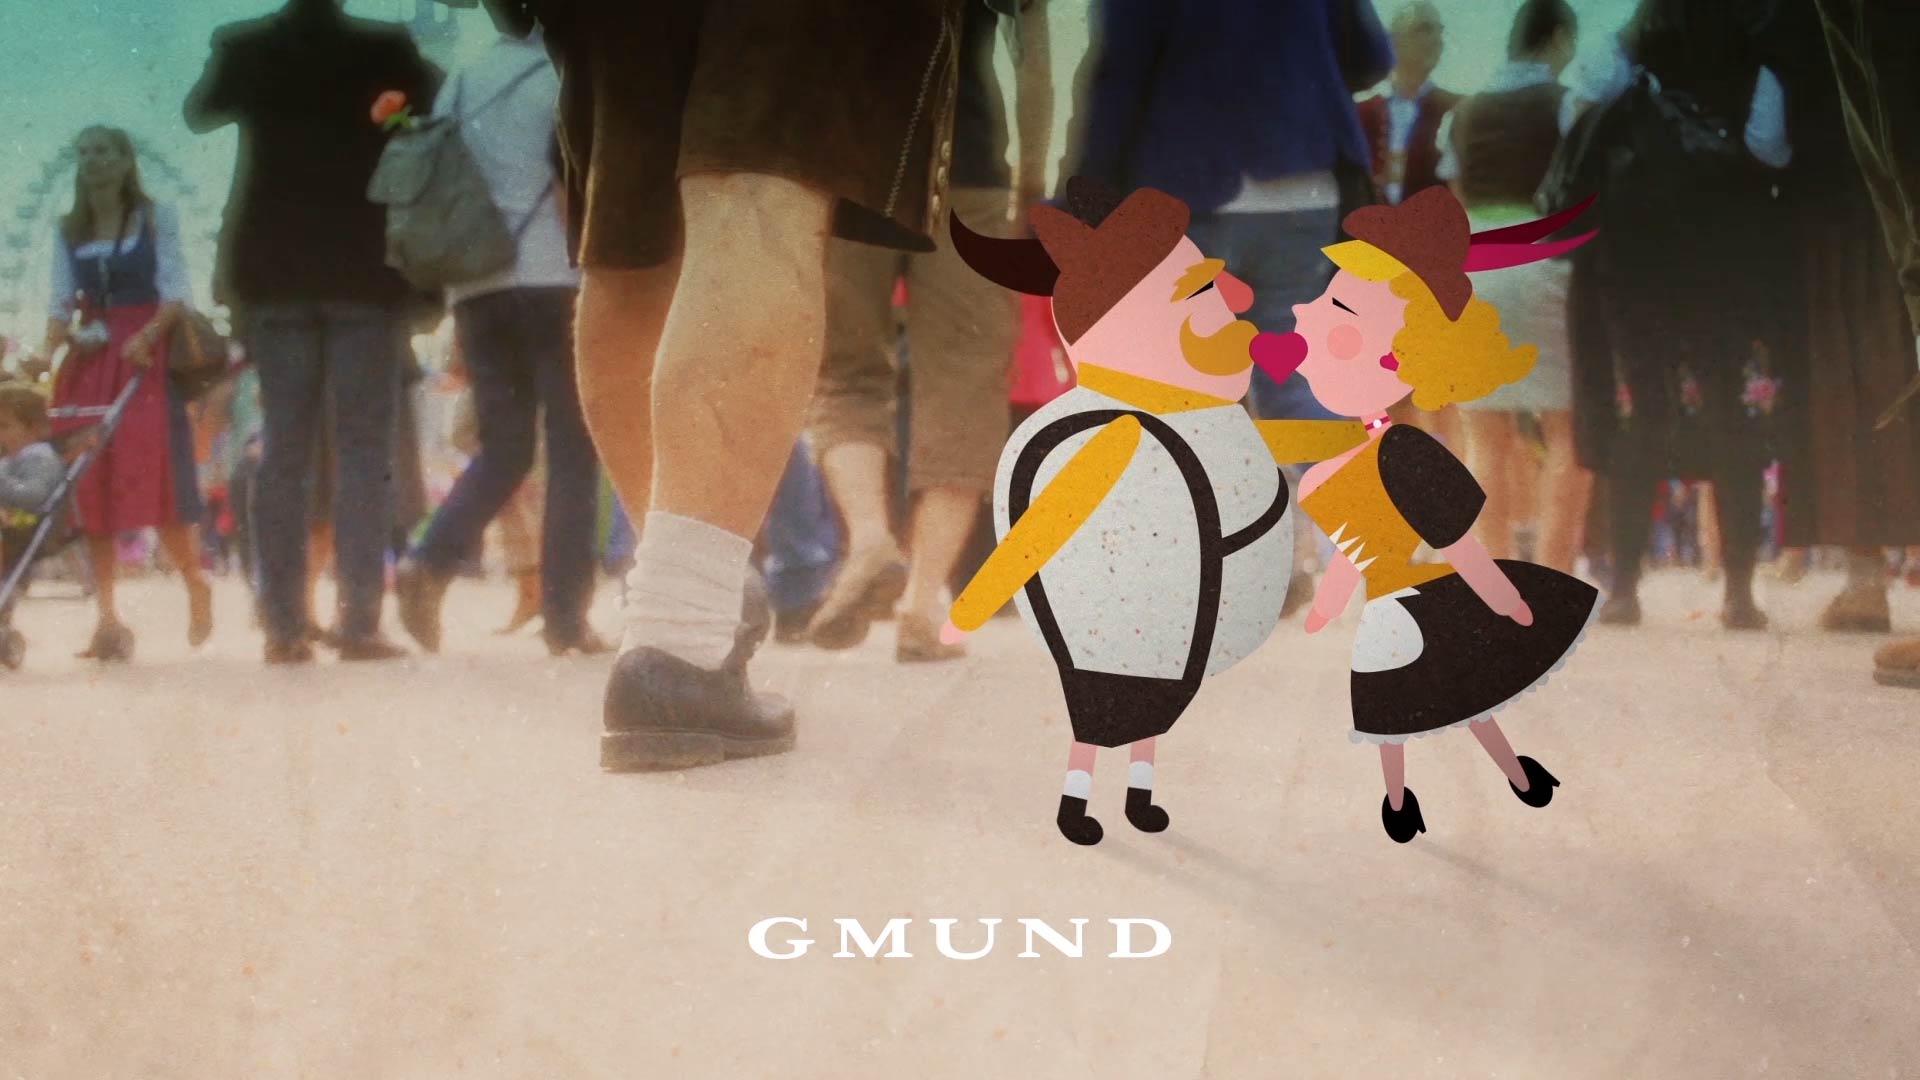 Gmund Beer Paper